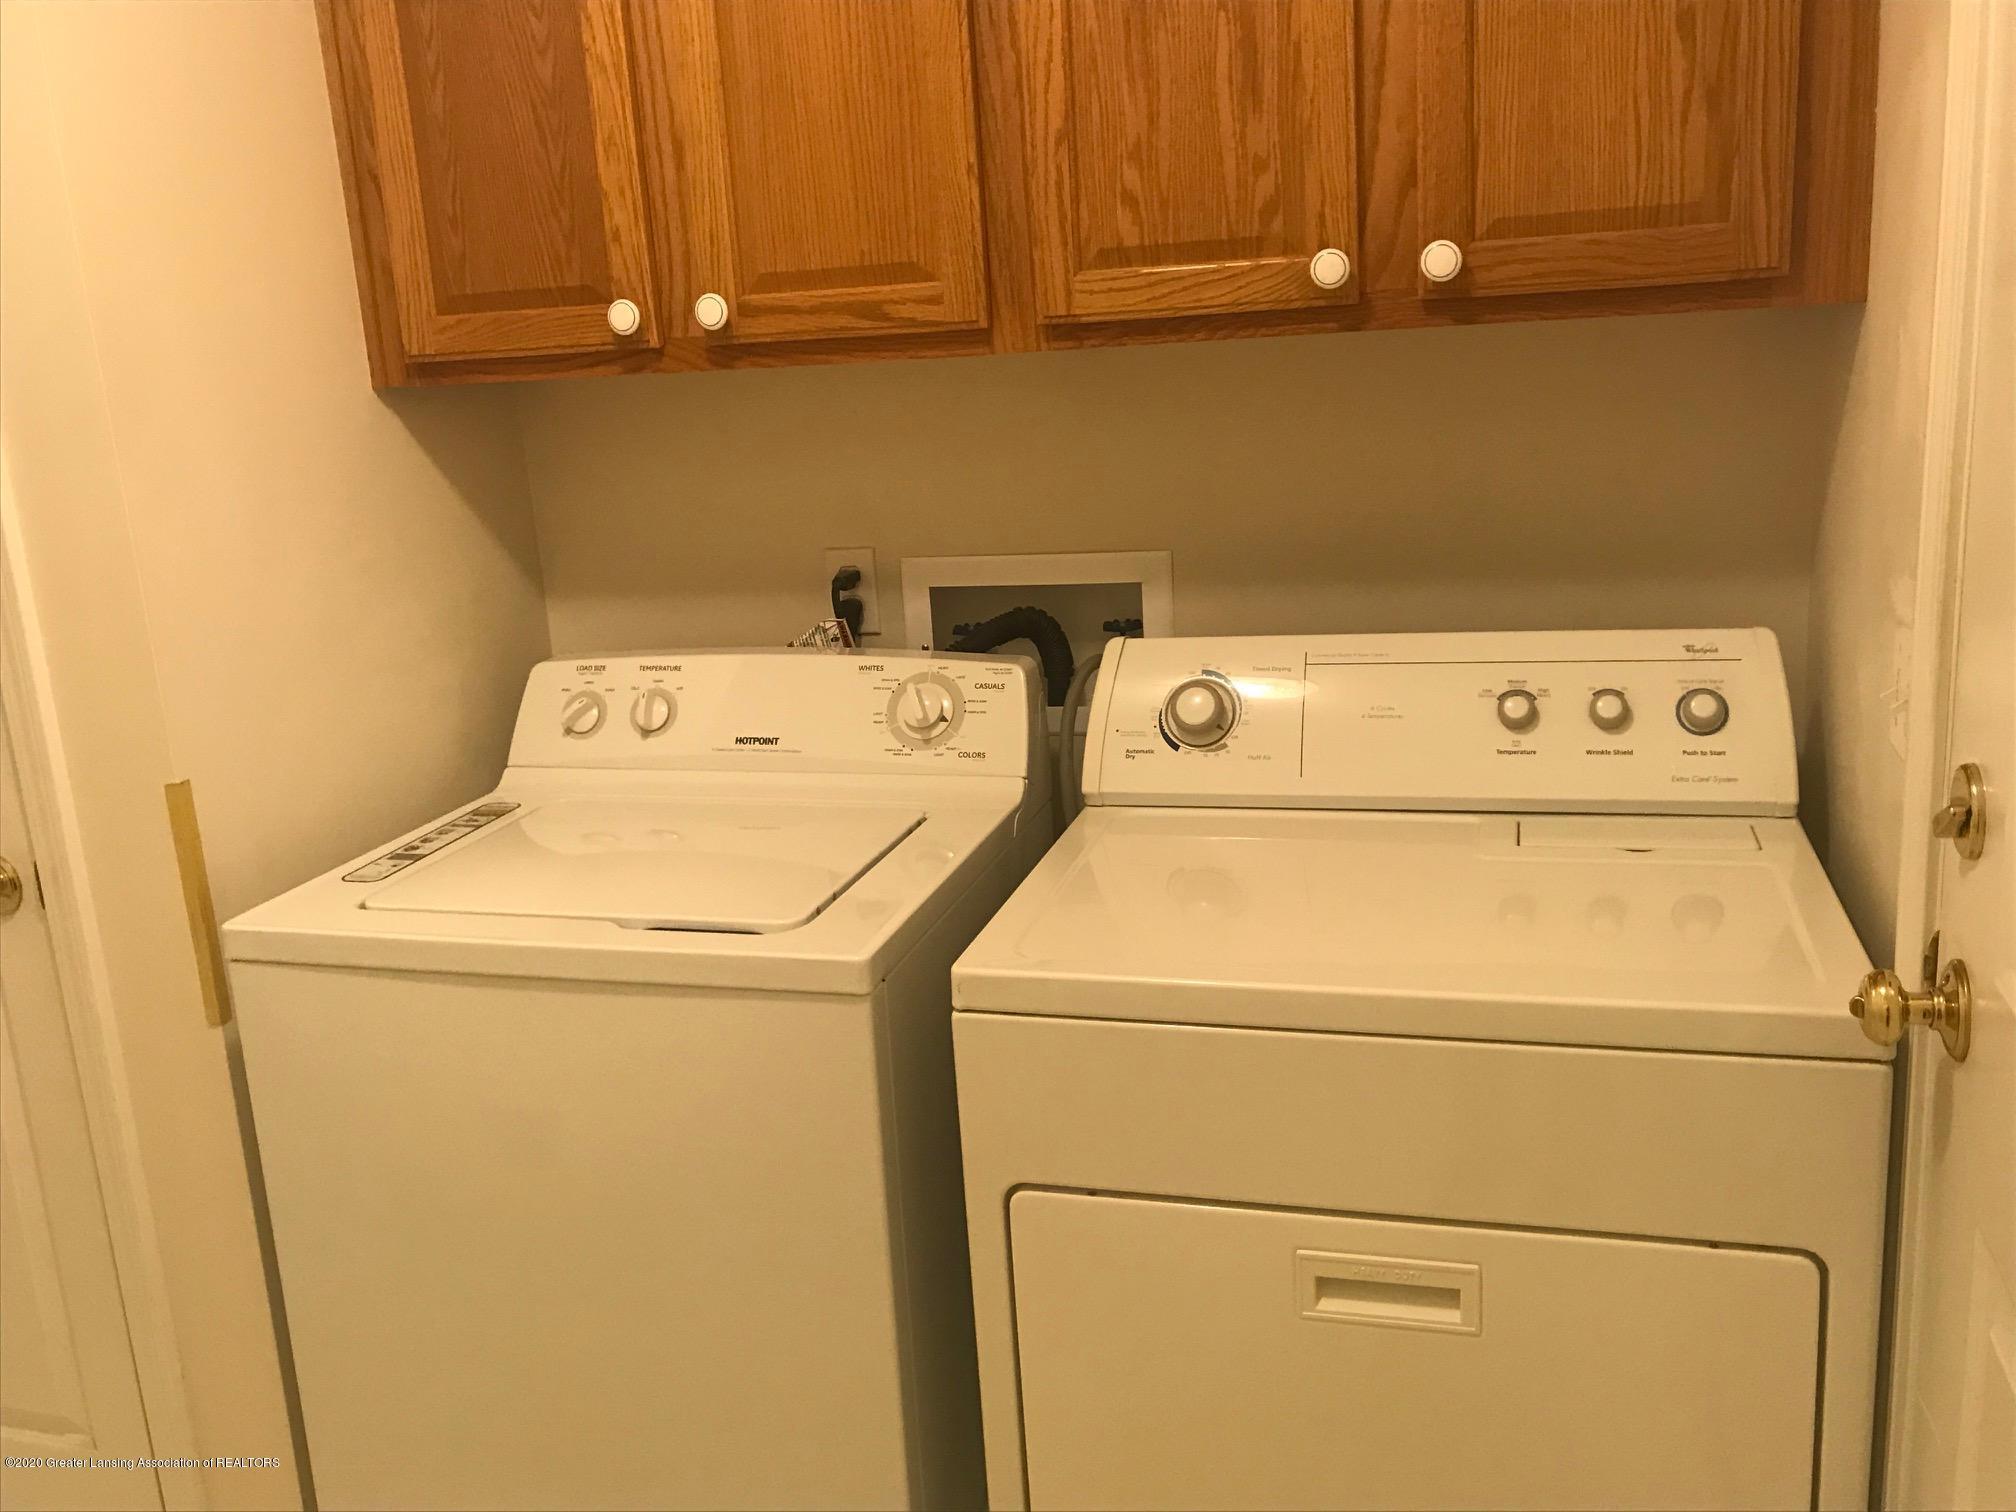 851 Chads Way 18 - Laundry - 7